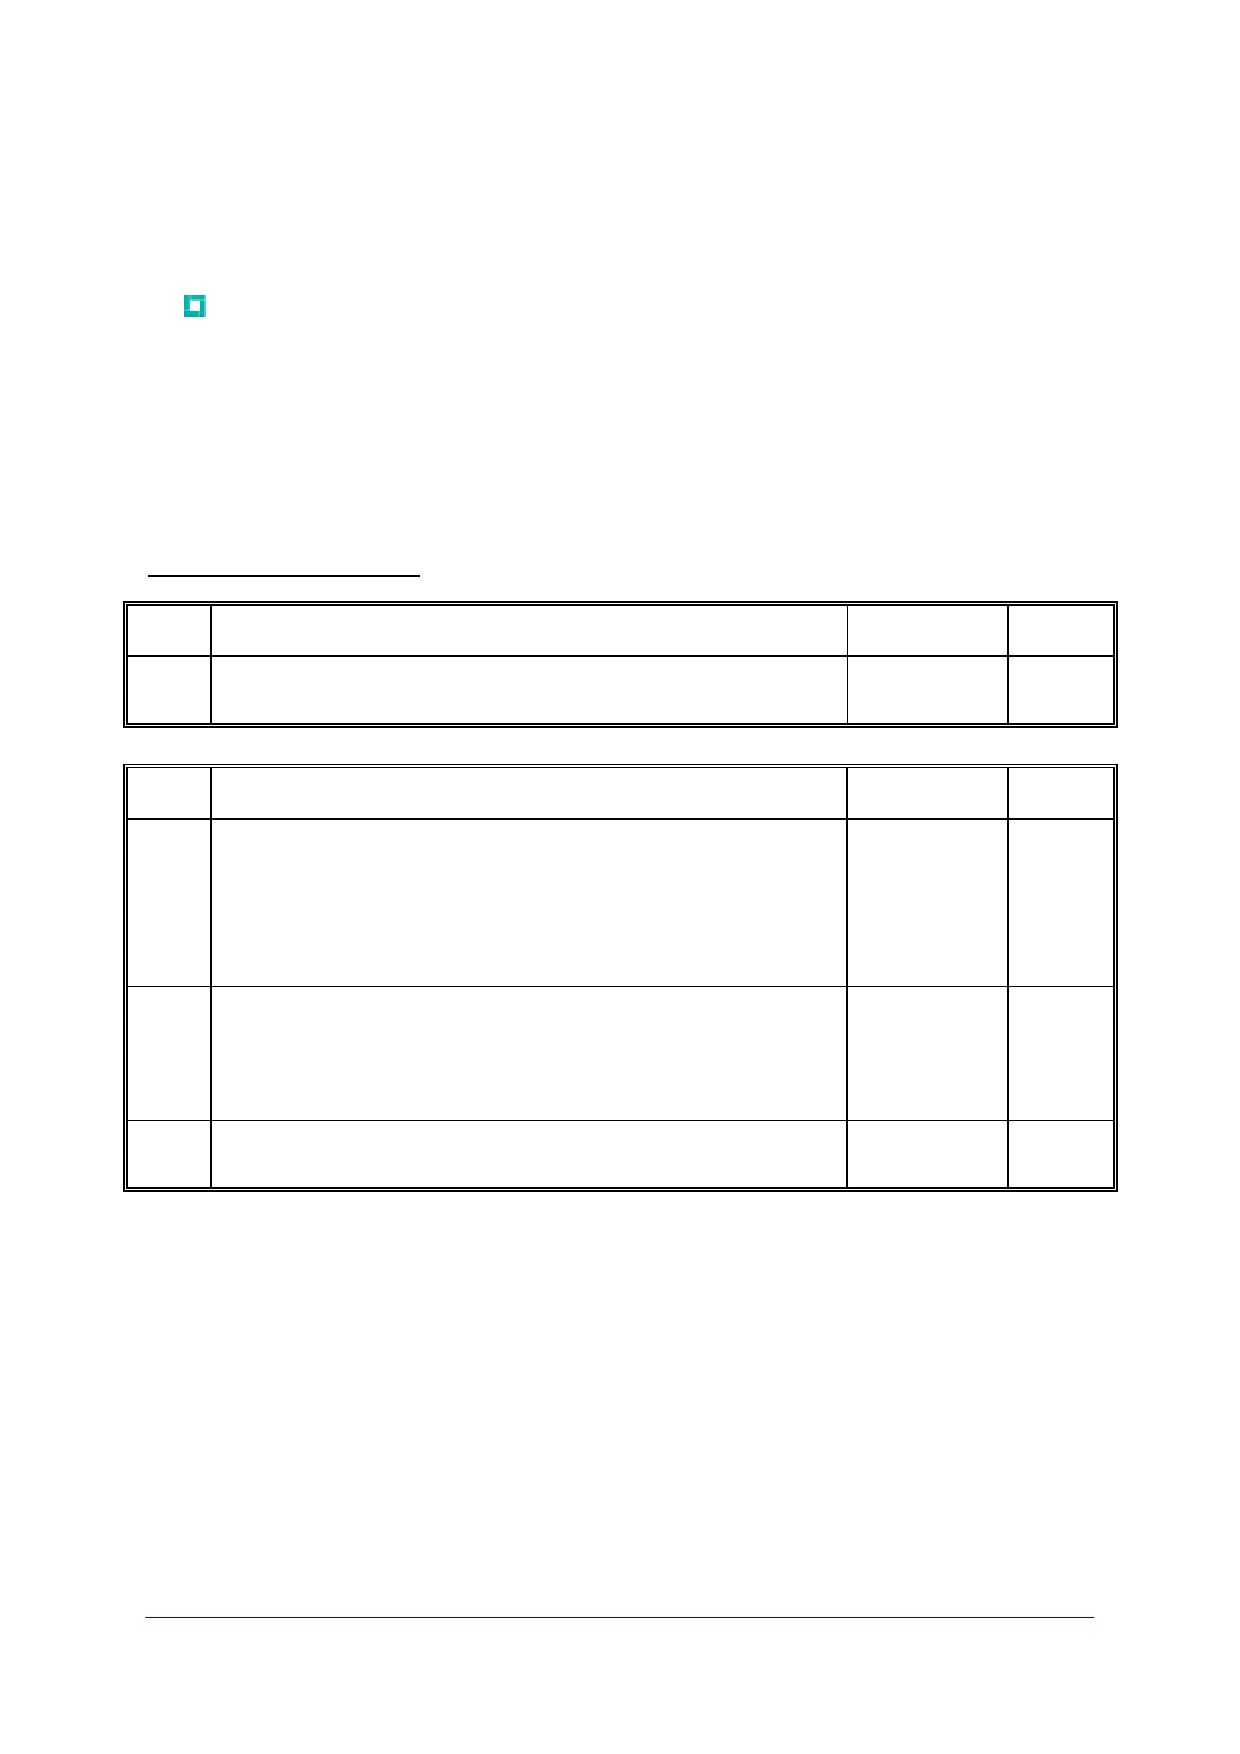 M0225YH450 دیتاشیت PDF